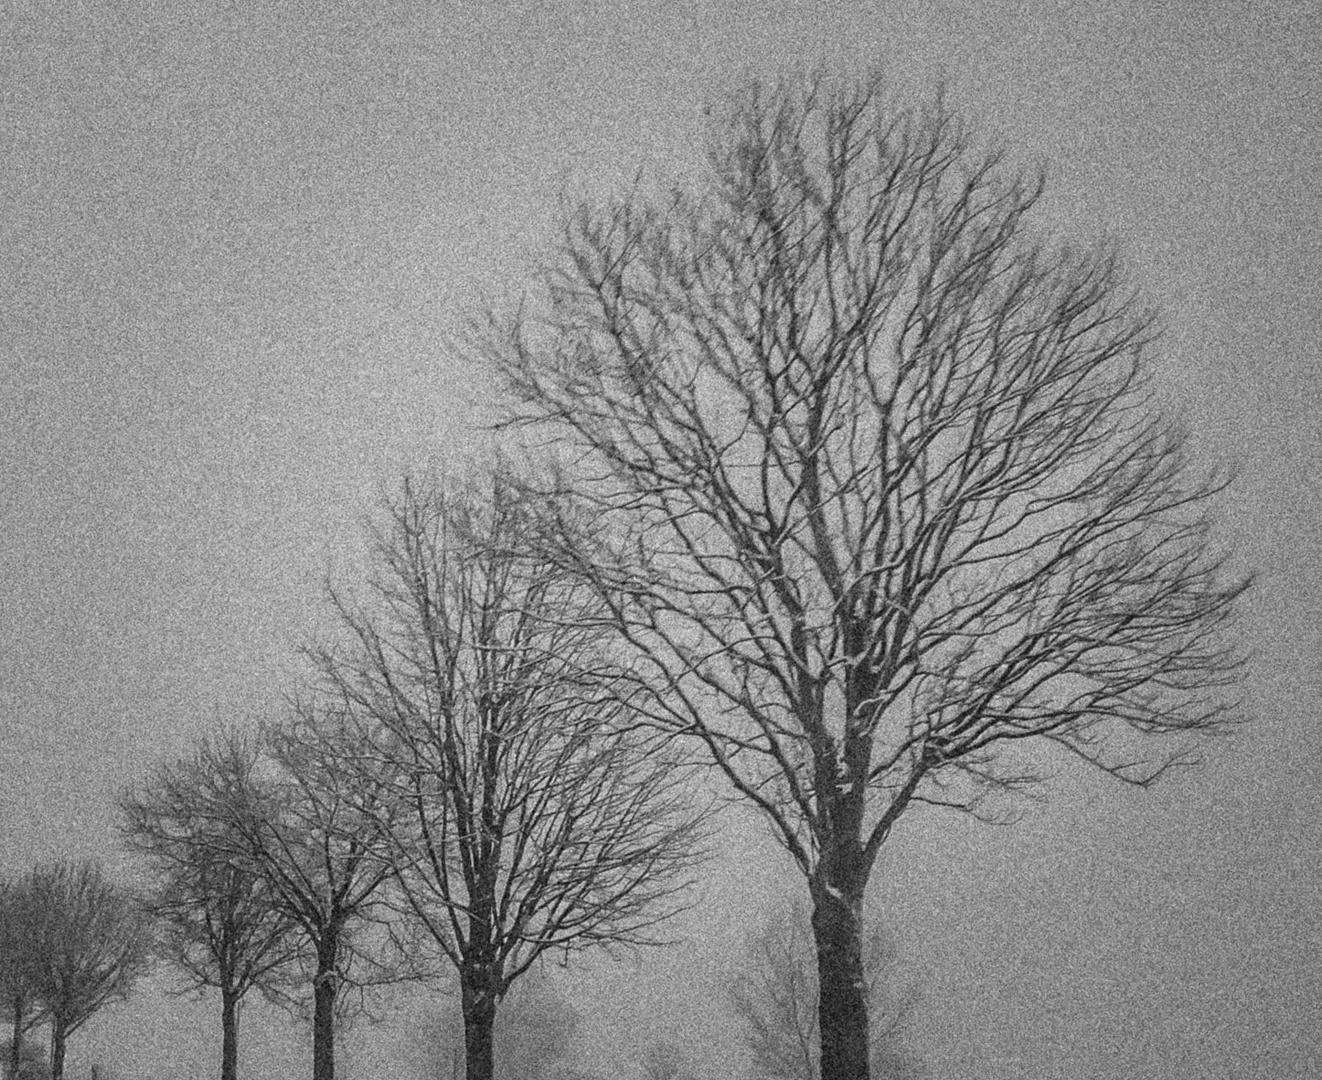 Karge Winterzeit